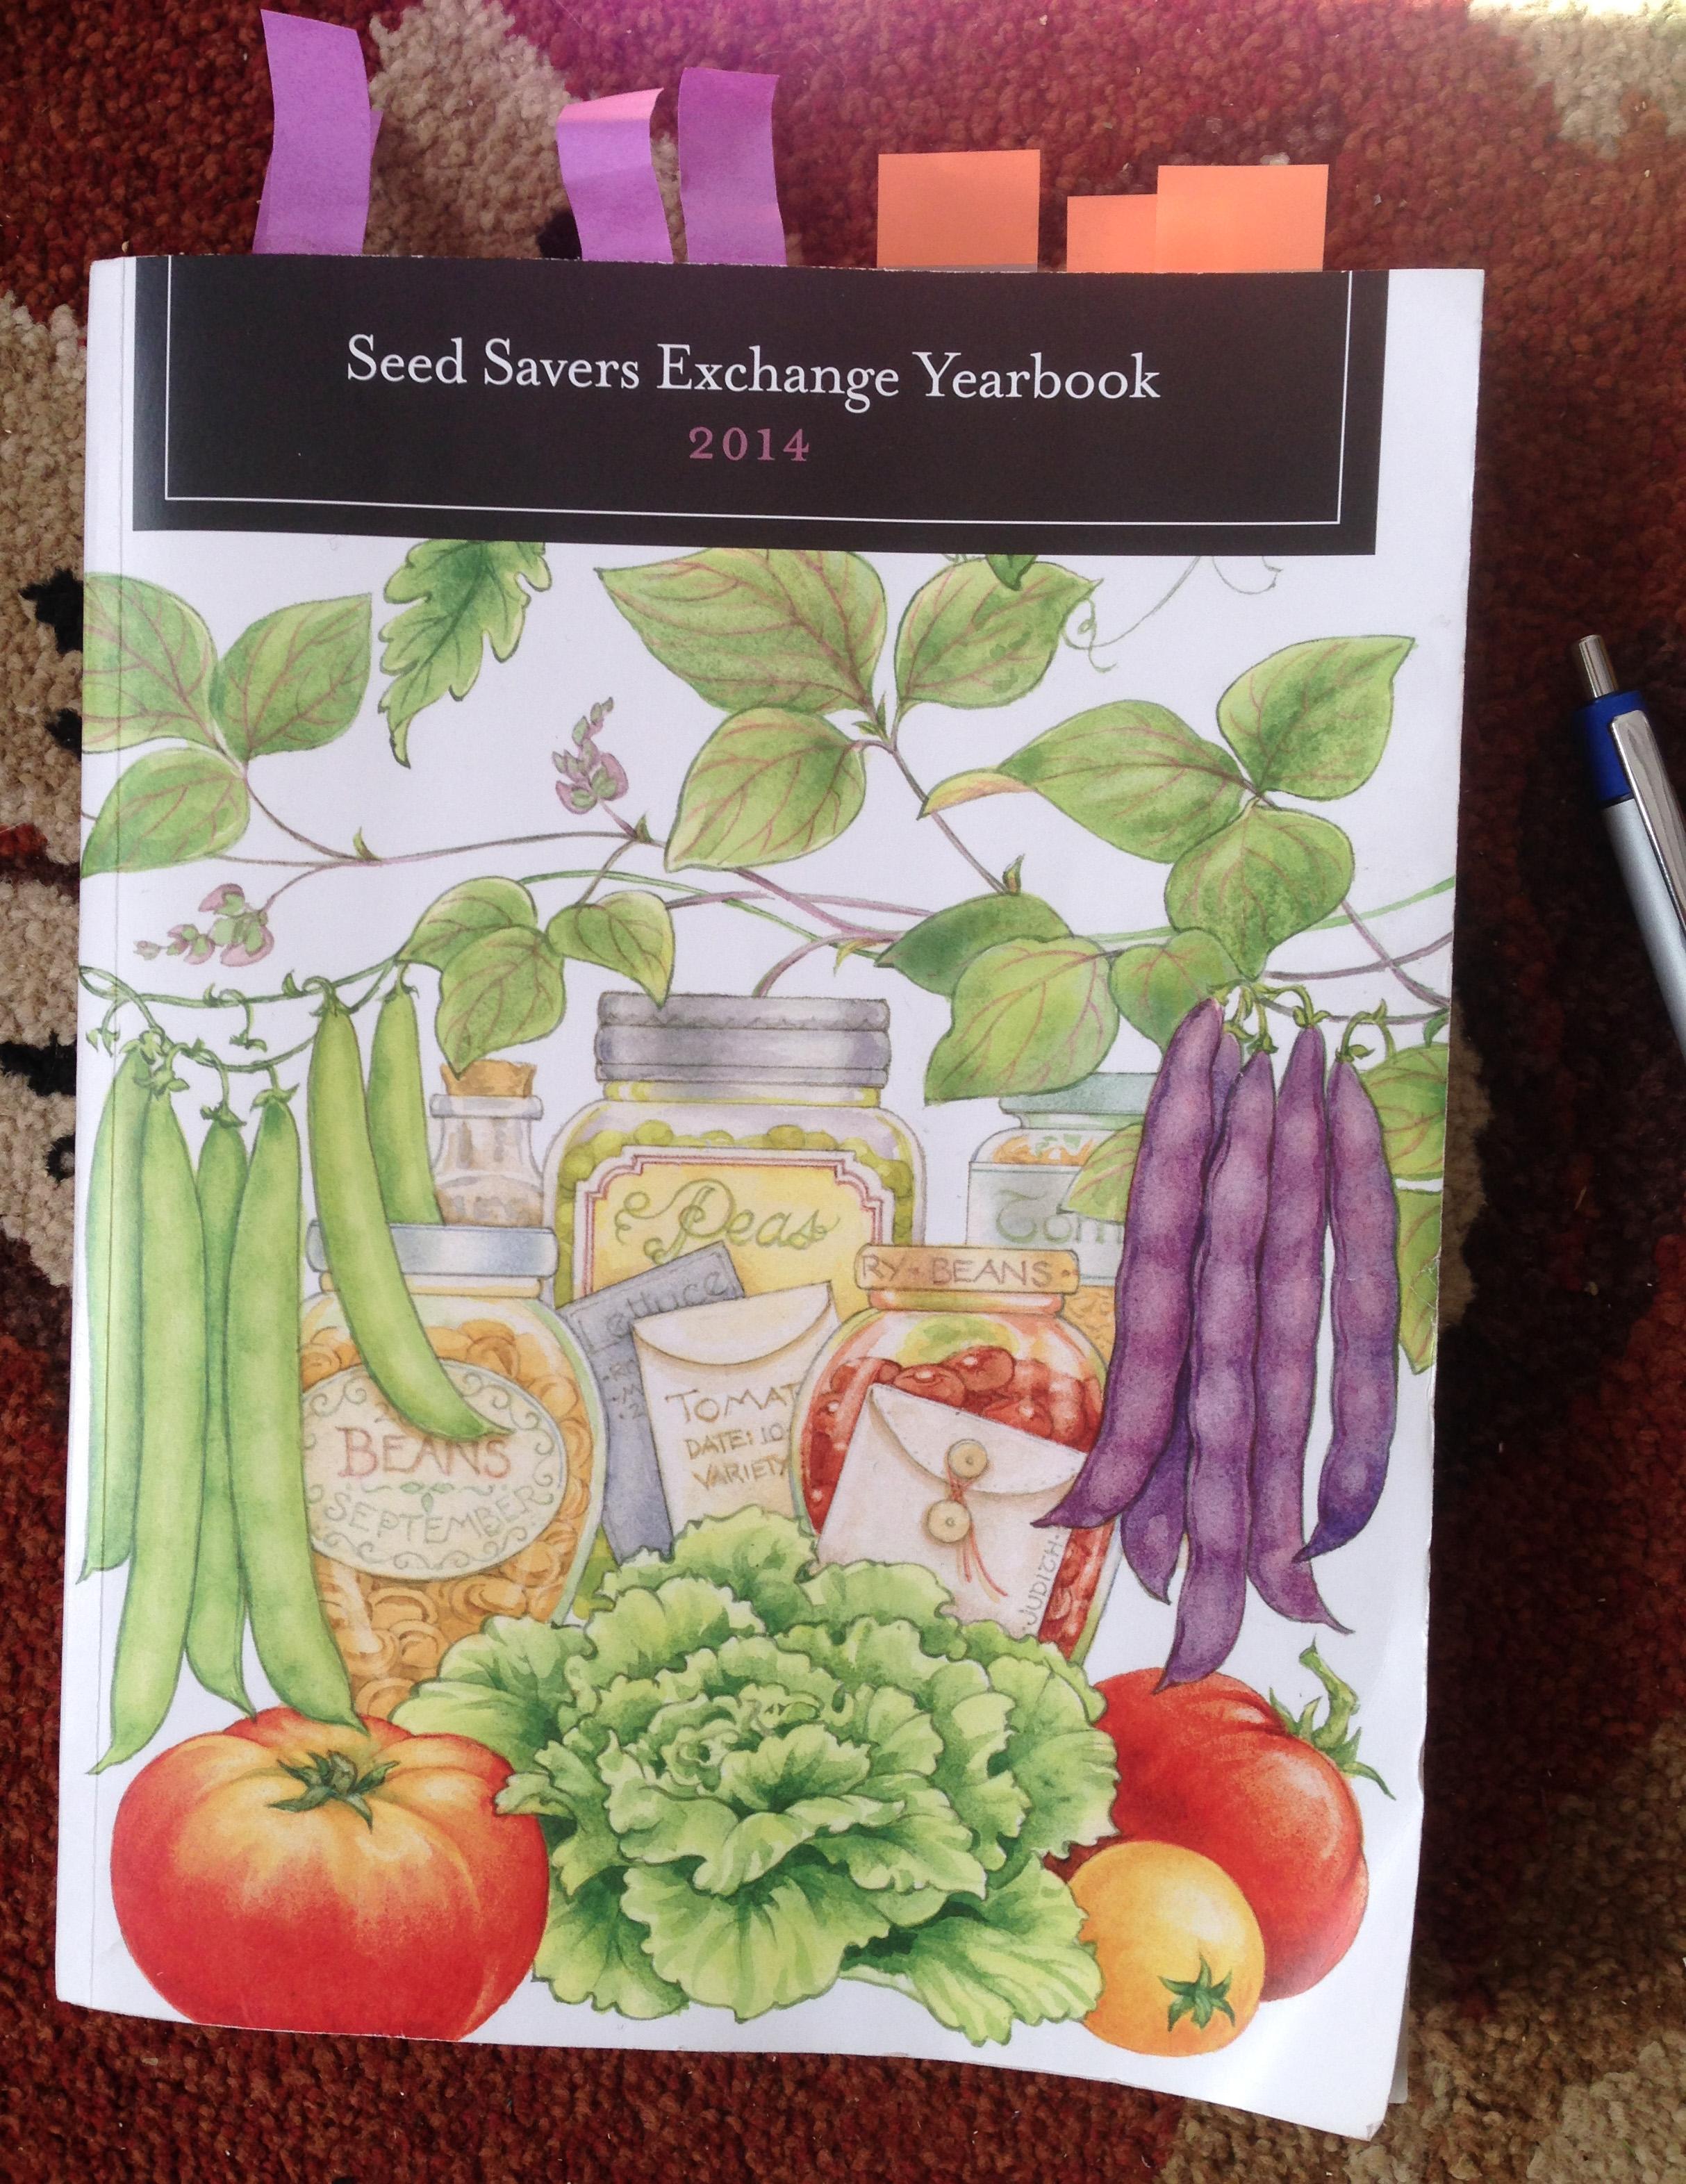 Seed Savers Exchange Yearbook.jpg